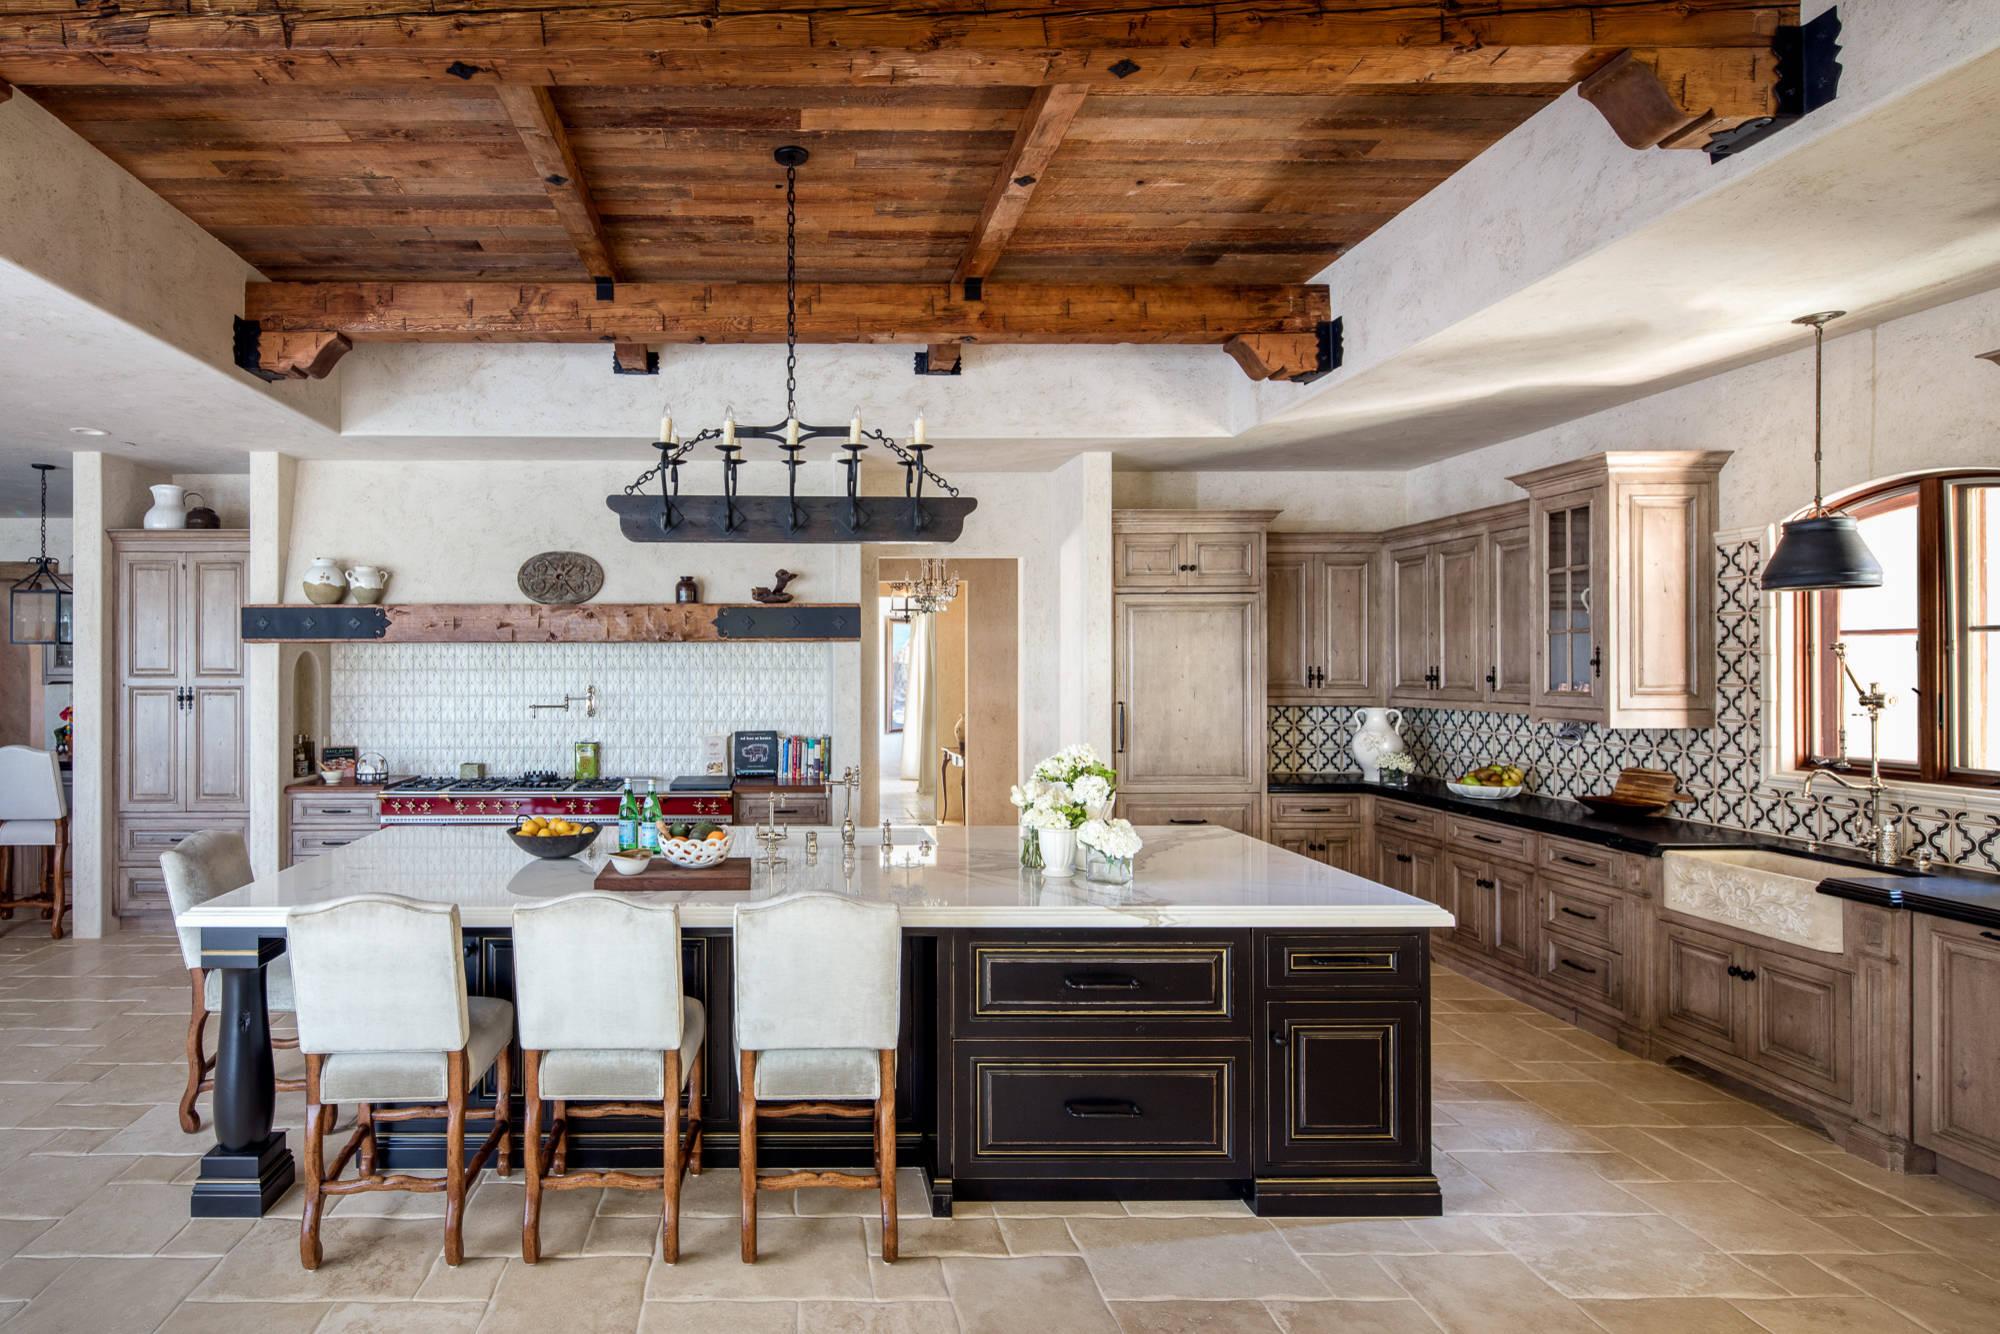 16 Charming Mediterranean Kitchen Designs That Will ... on Kitchen Renovation Ideas  id=72712